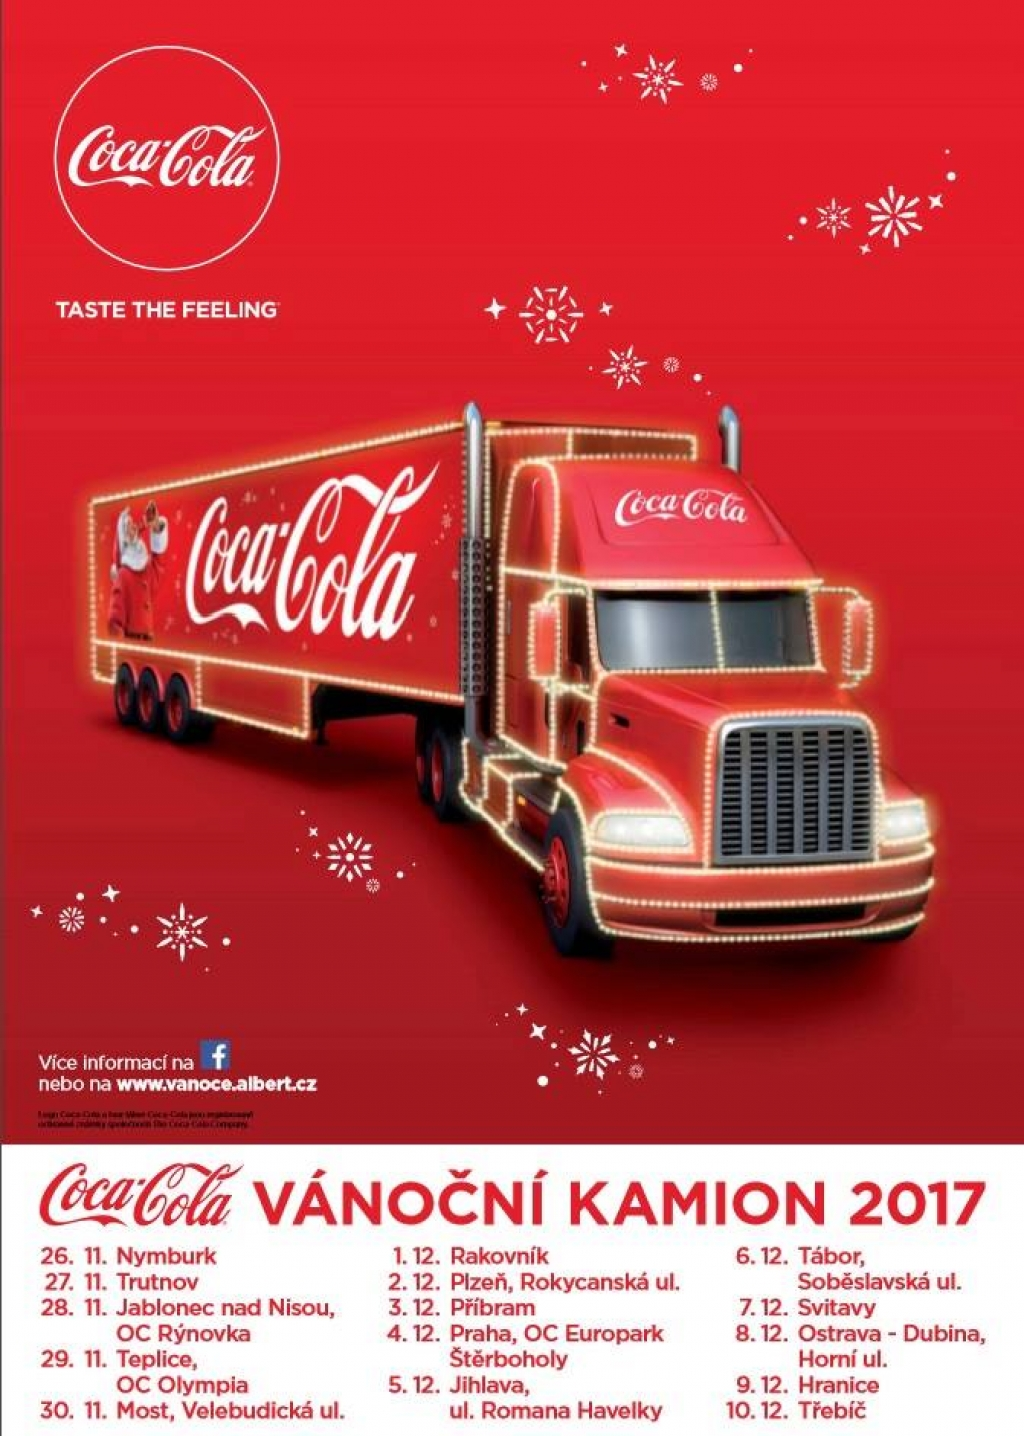 Vánoční kamion Coca-Cola 2017 - Jihlava